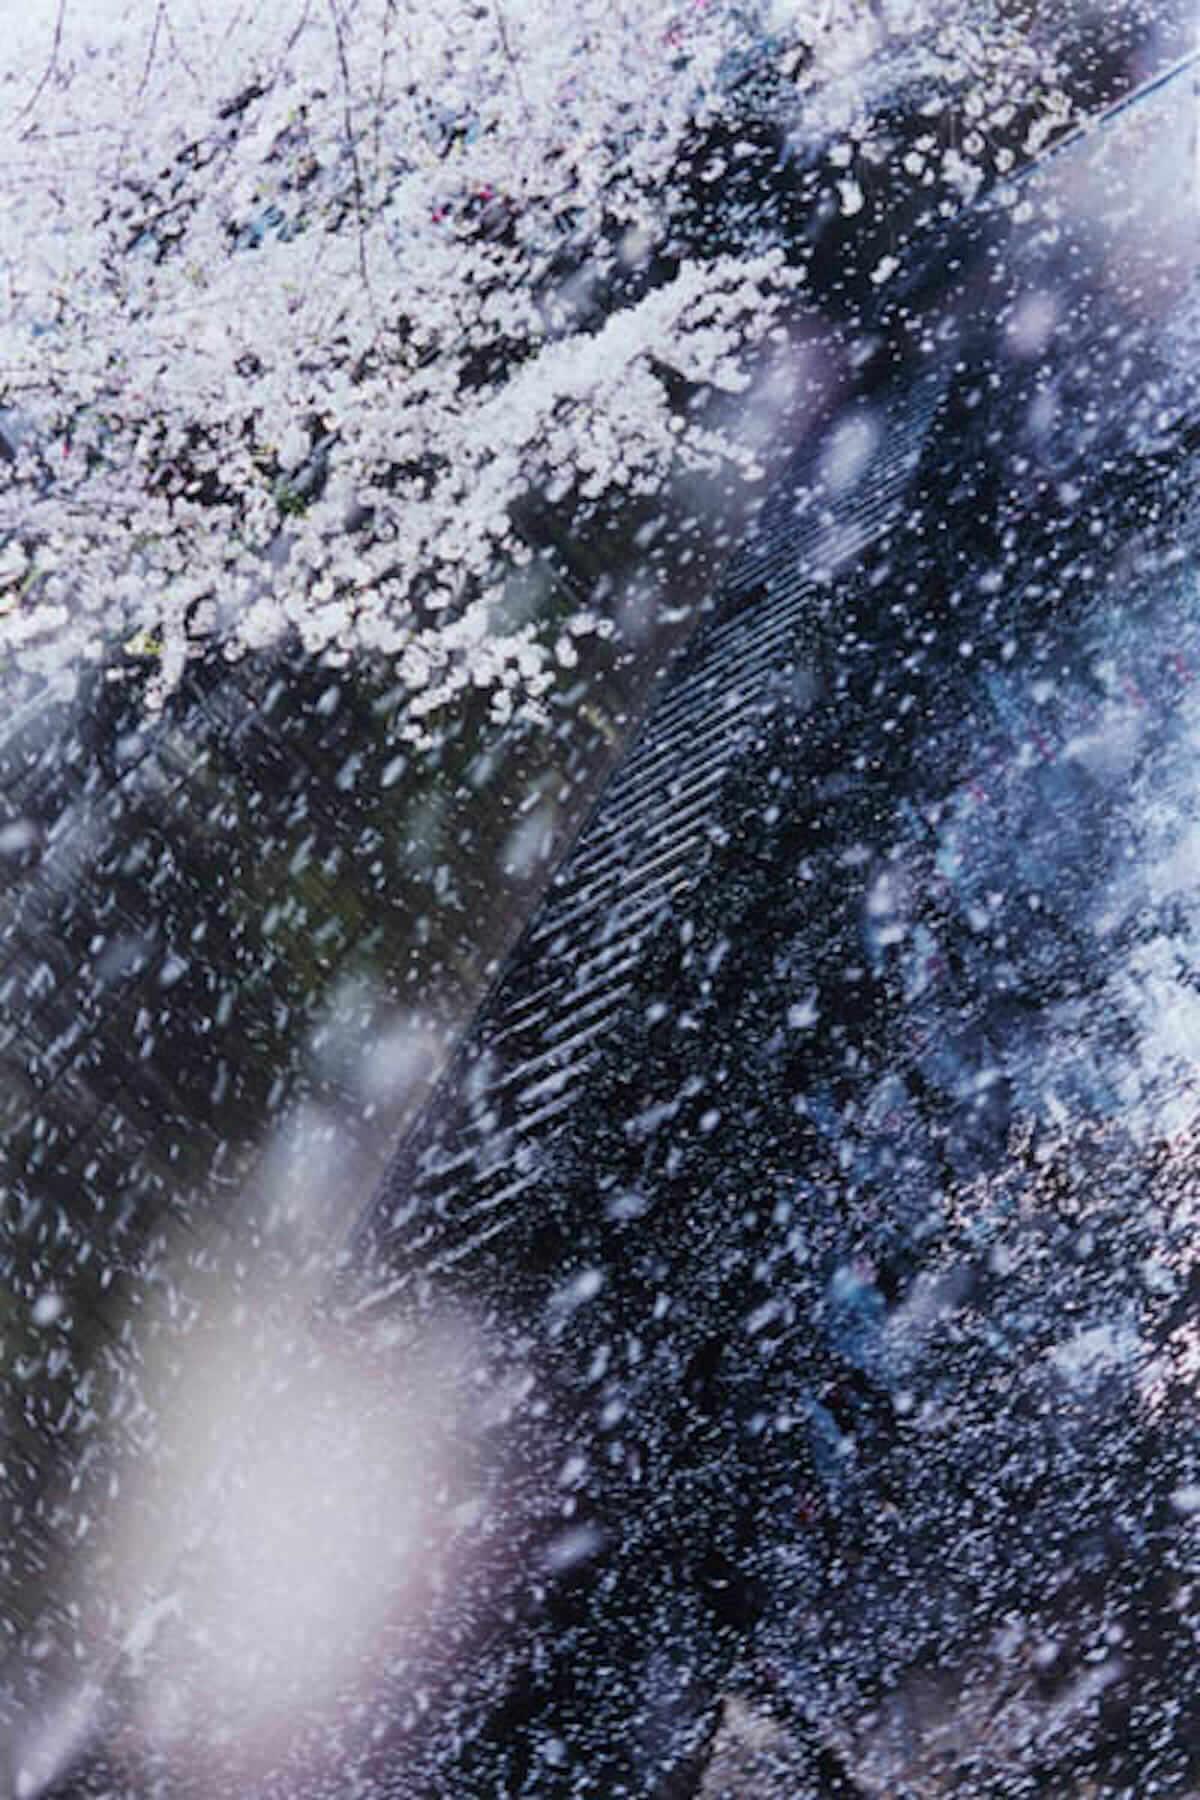 蜷川実花の本質に迫る!9つのテーマまとめた写真集『蜷川実花虚構と現実の間に』。全国各地で蜷川実花展開催! cluture180621_abu_6-1200x1800